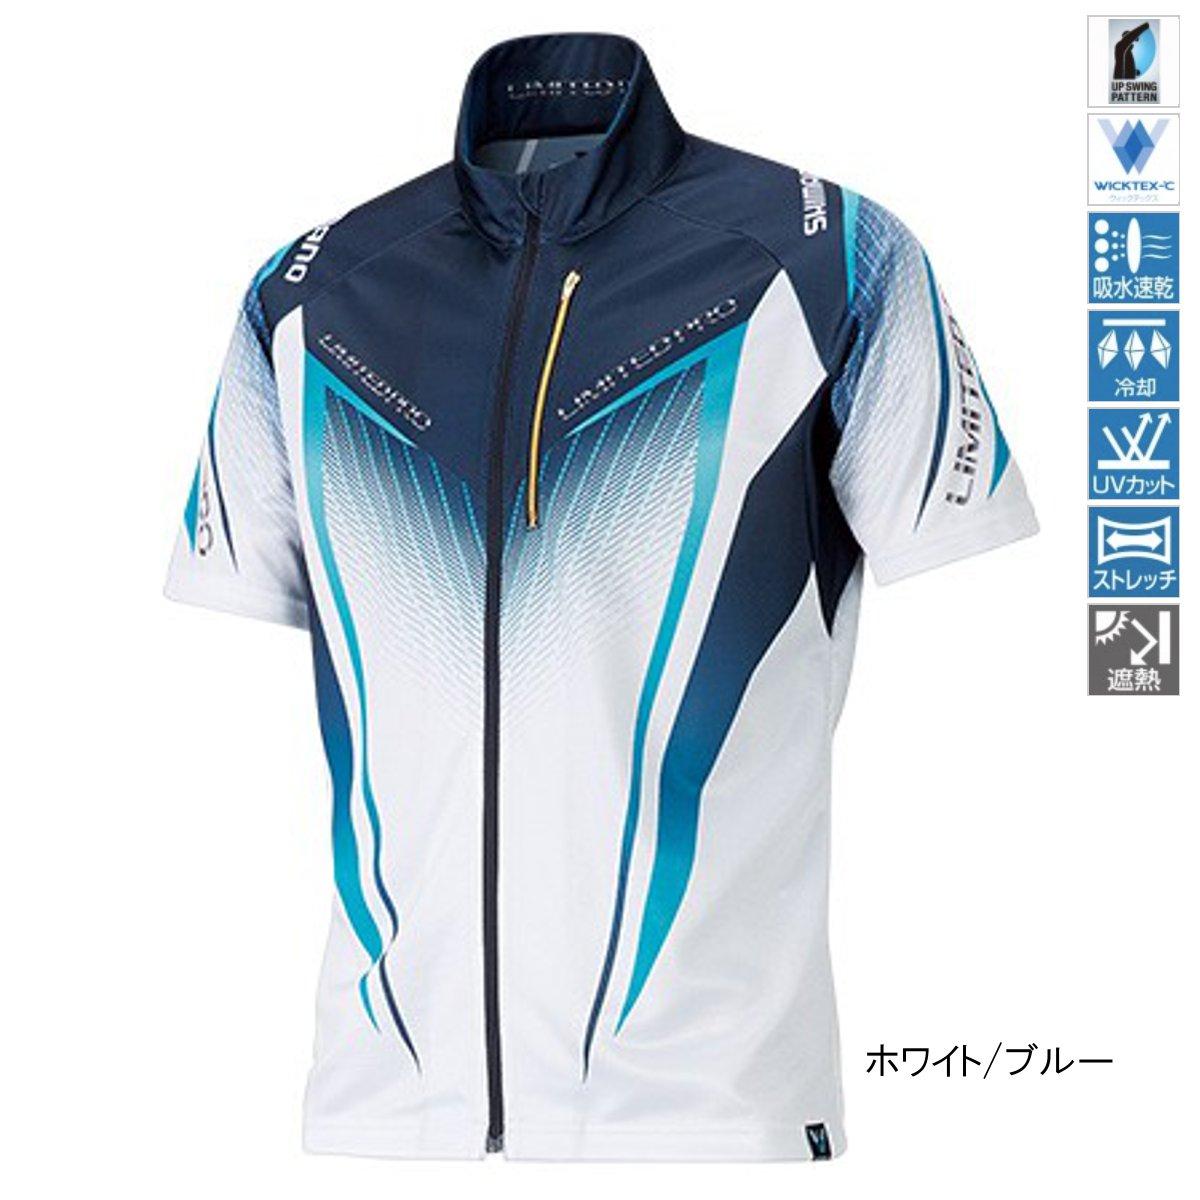 シマノ フルジップシャツLIMITED PRO(半袖) SH-012S 2XL ホワイト/ブルー【送料無料】